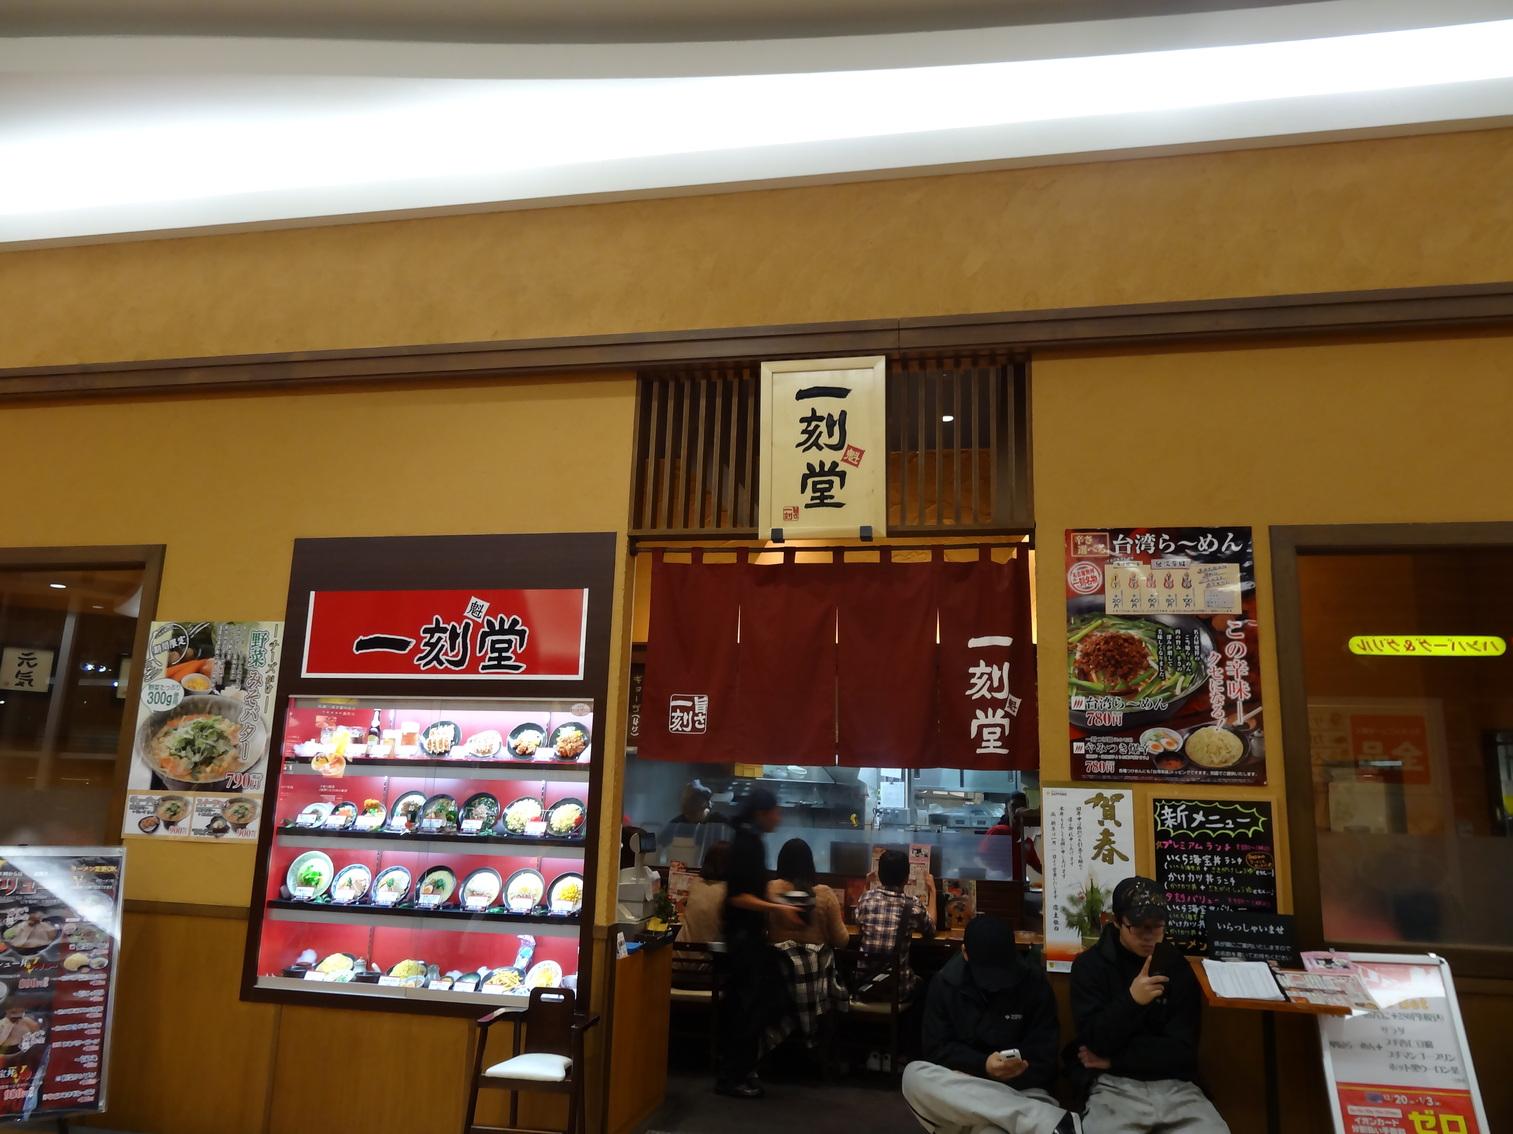 一刻魁堂 イオンモール神戸北店